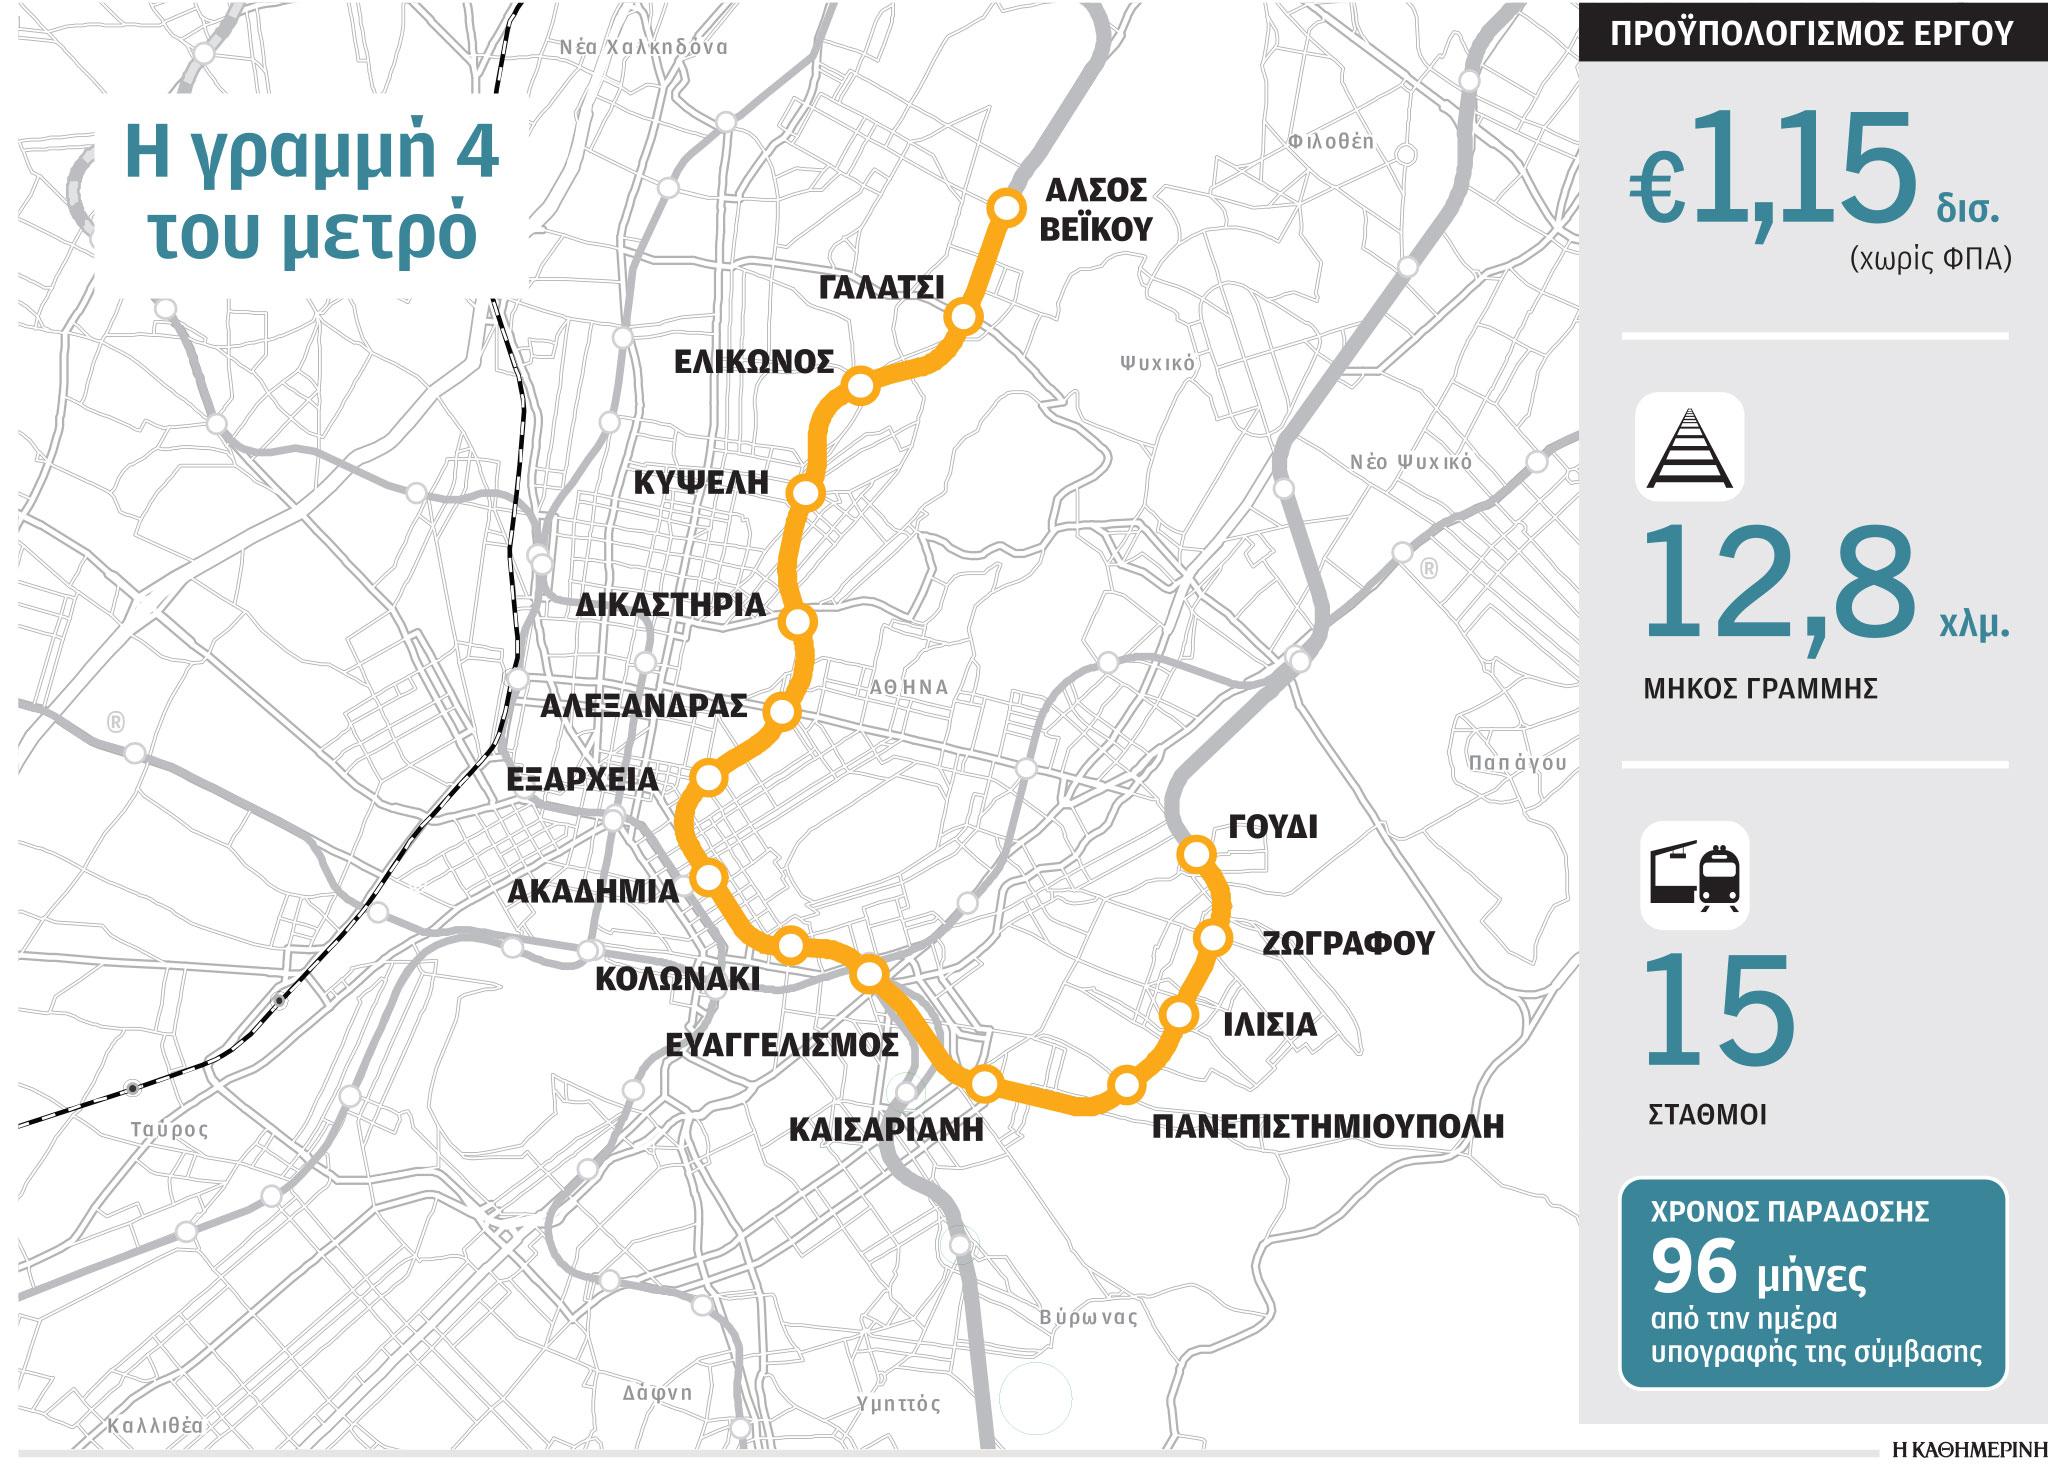 metro-pos-i-grammi-4-tha-allaxei-tin-athina1